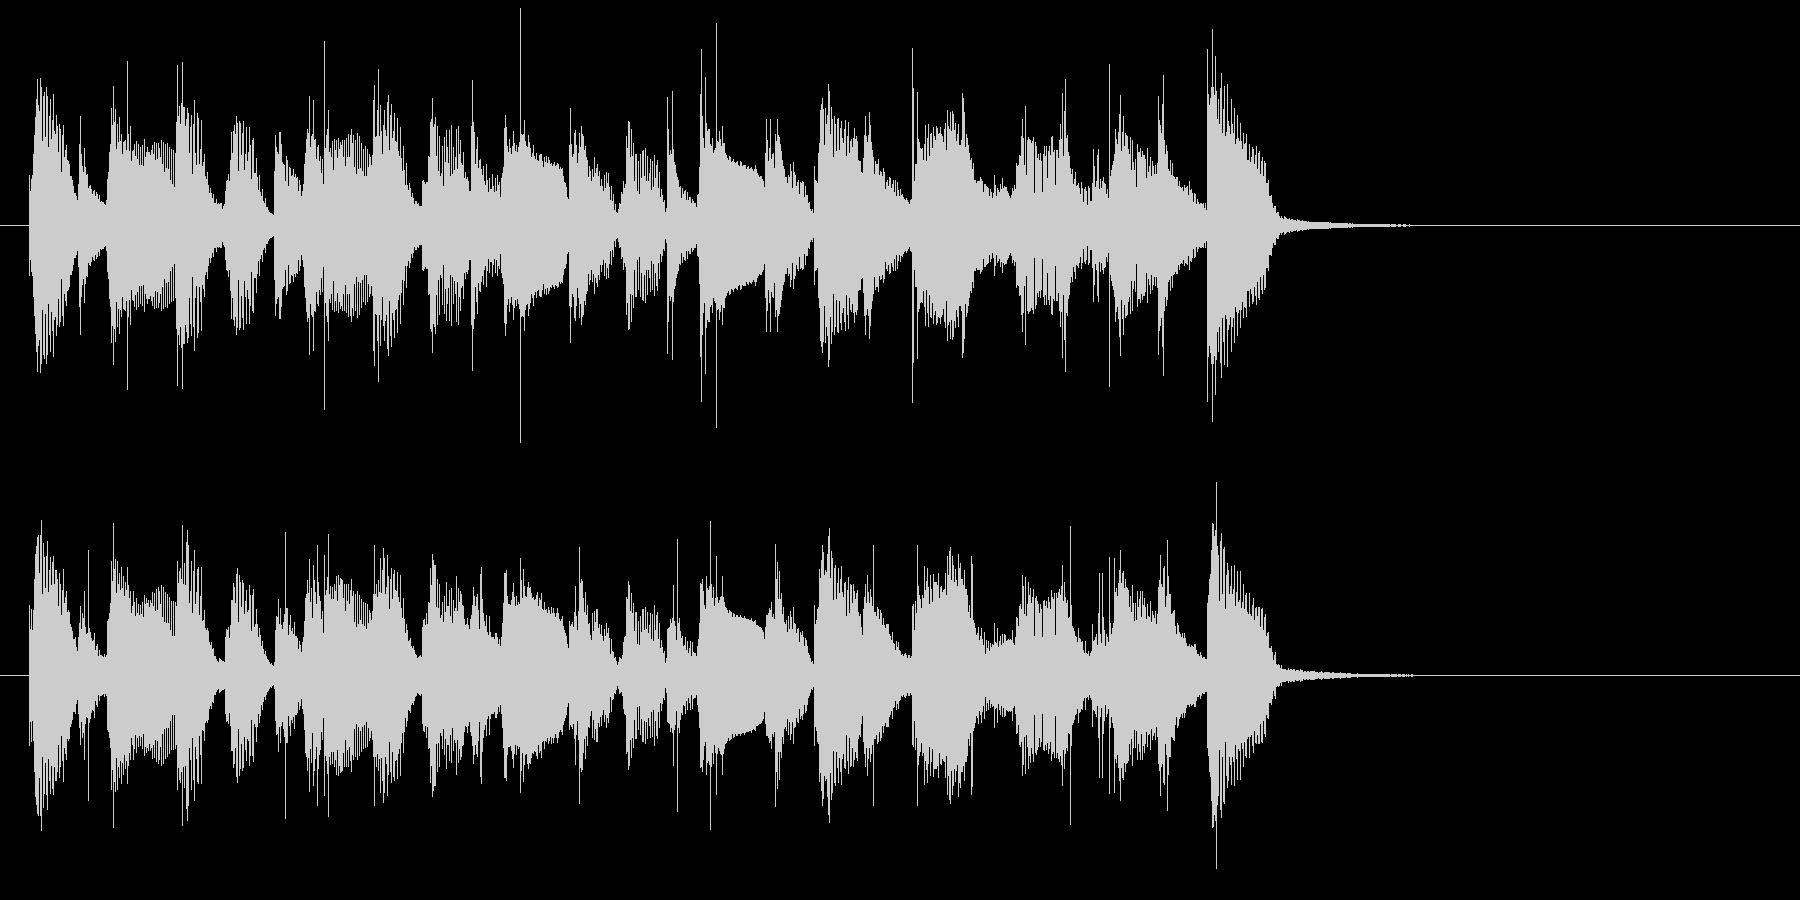 陽気なコーポレート系ポップサウンド♪の未再生の波形